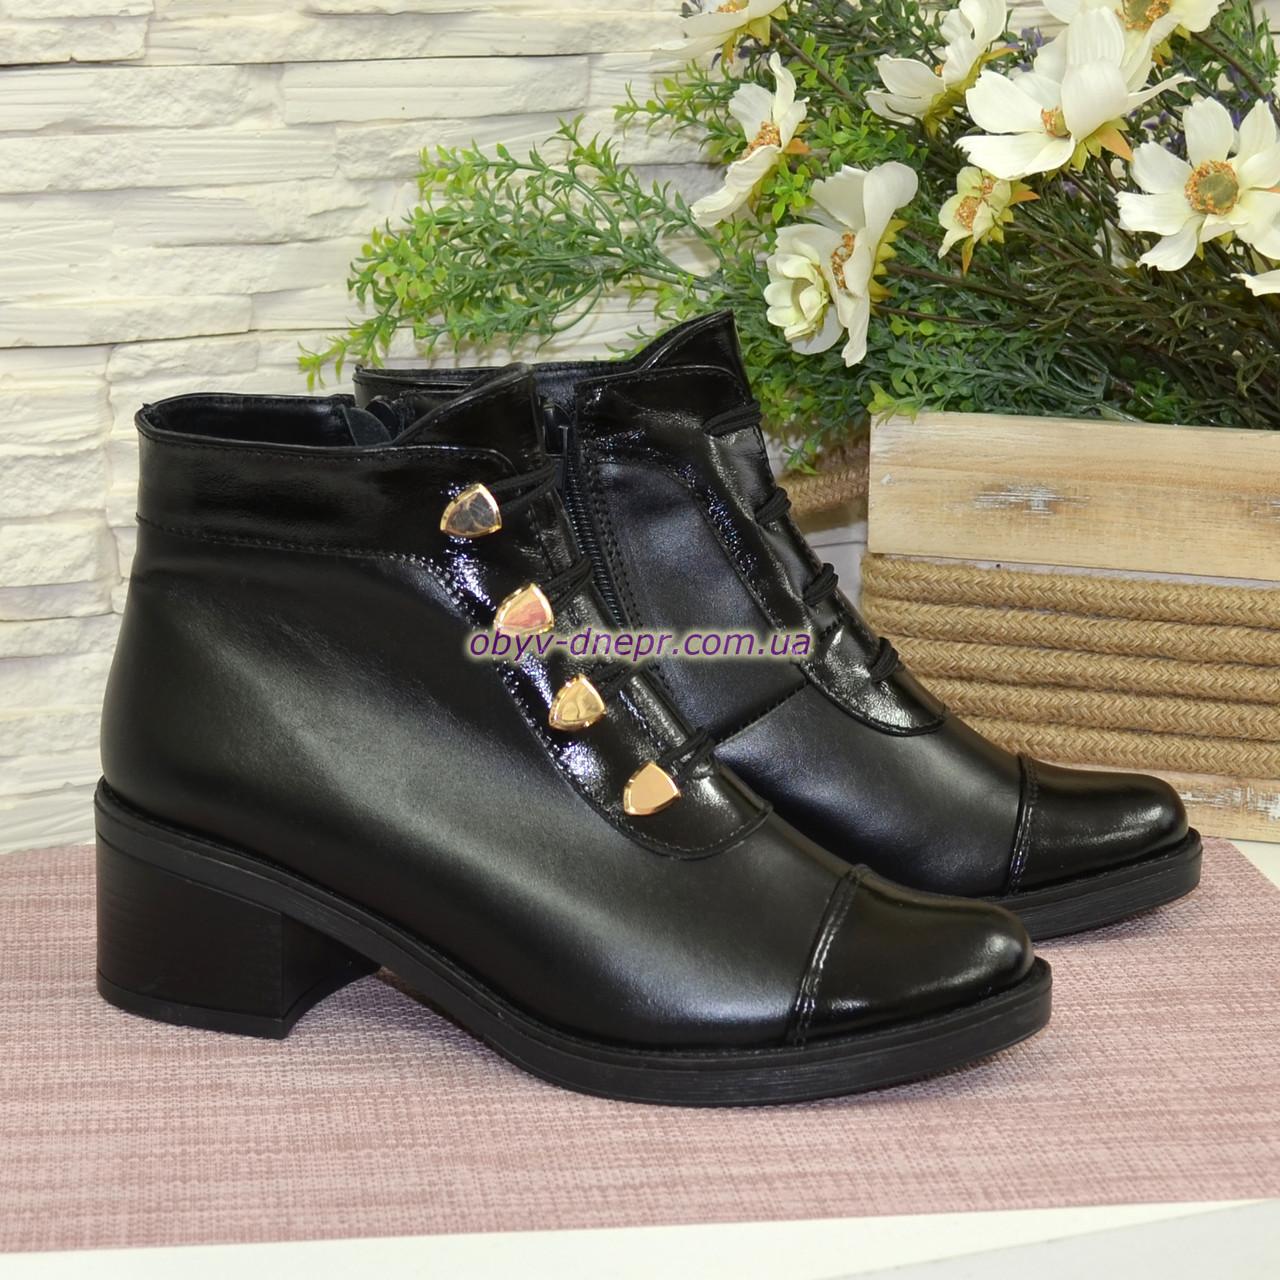 Женские классические зимние ботинки на невысоком каблуке, натуральная кожа и лак